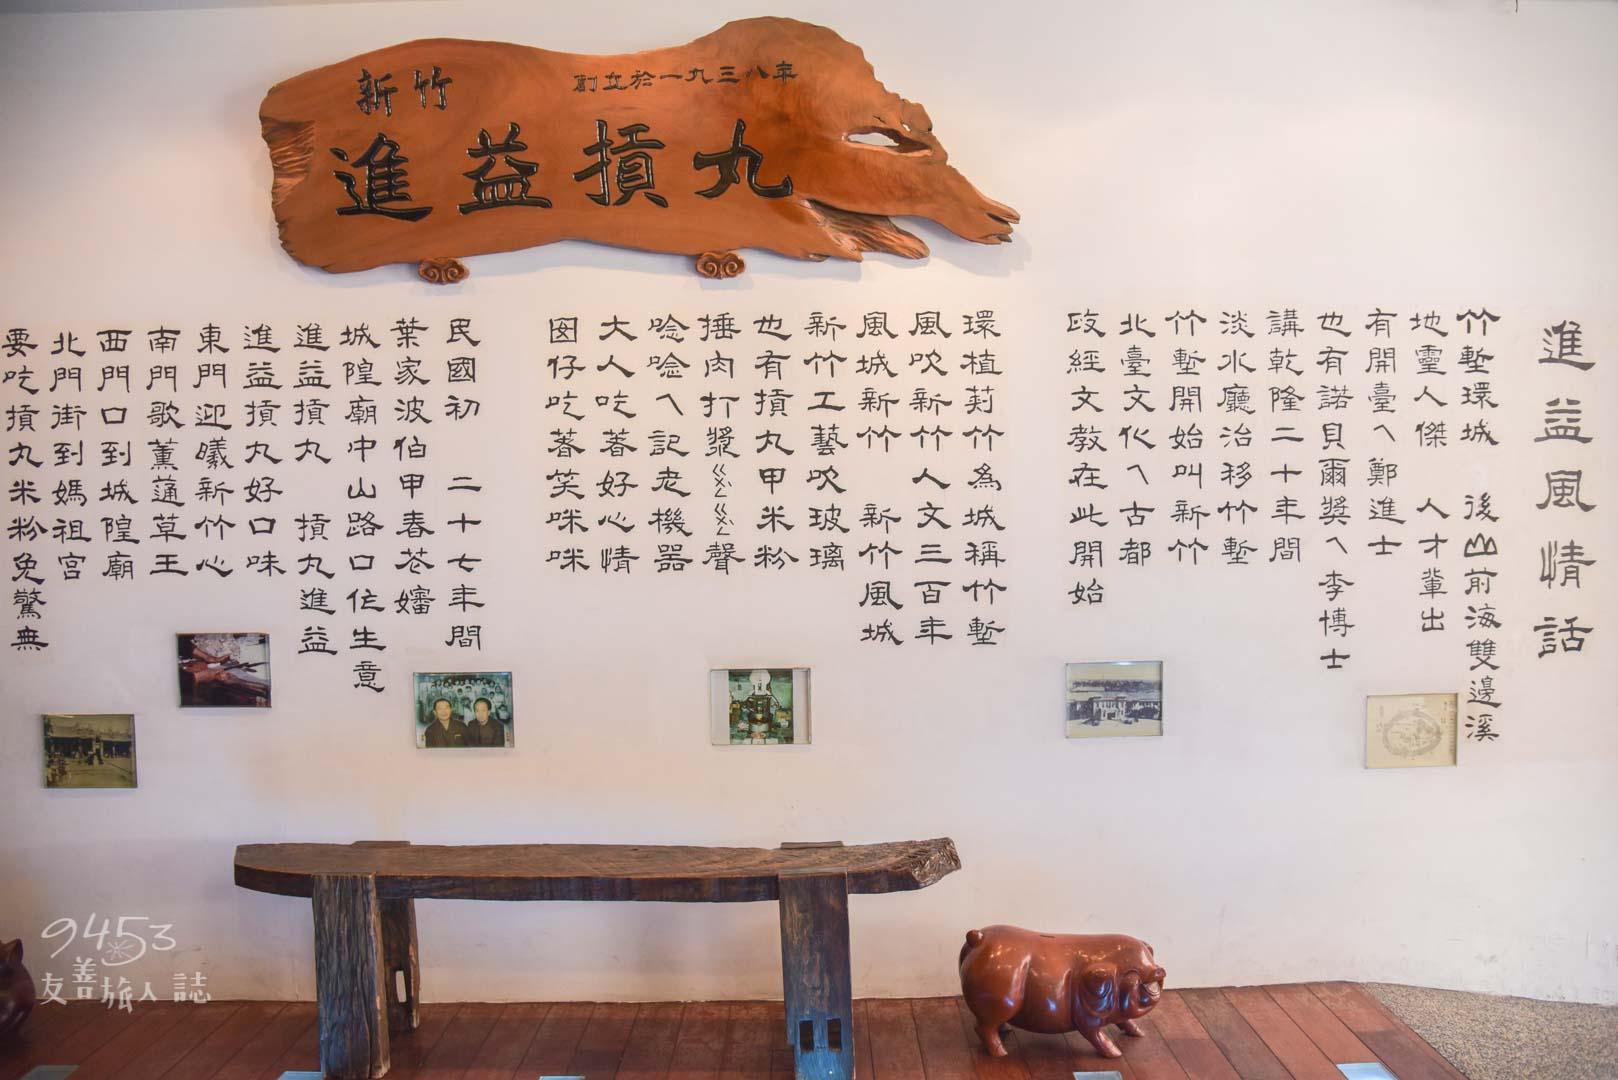 進益貢丸文化會館拍照牆